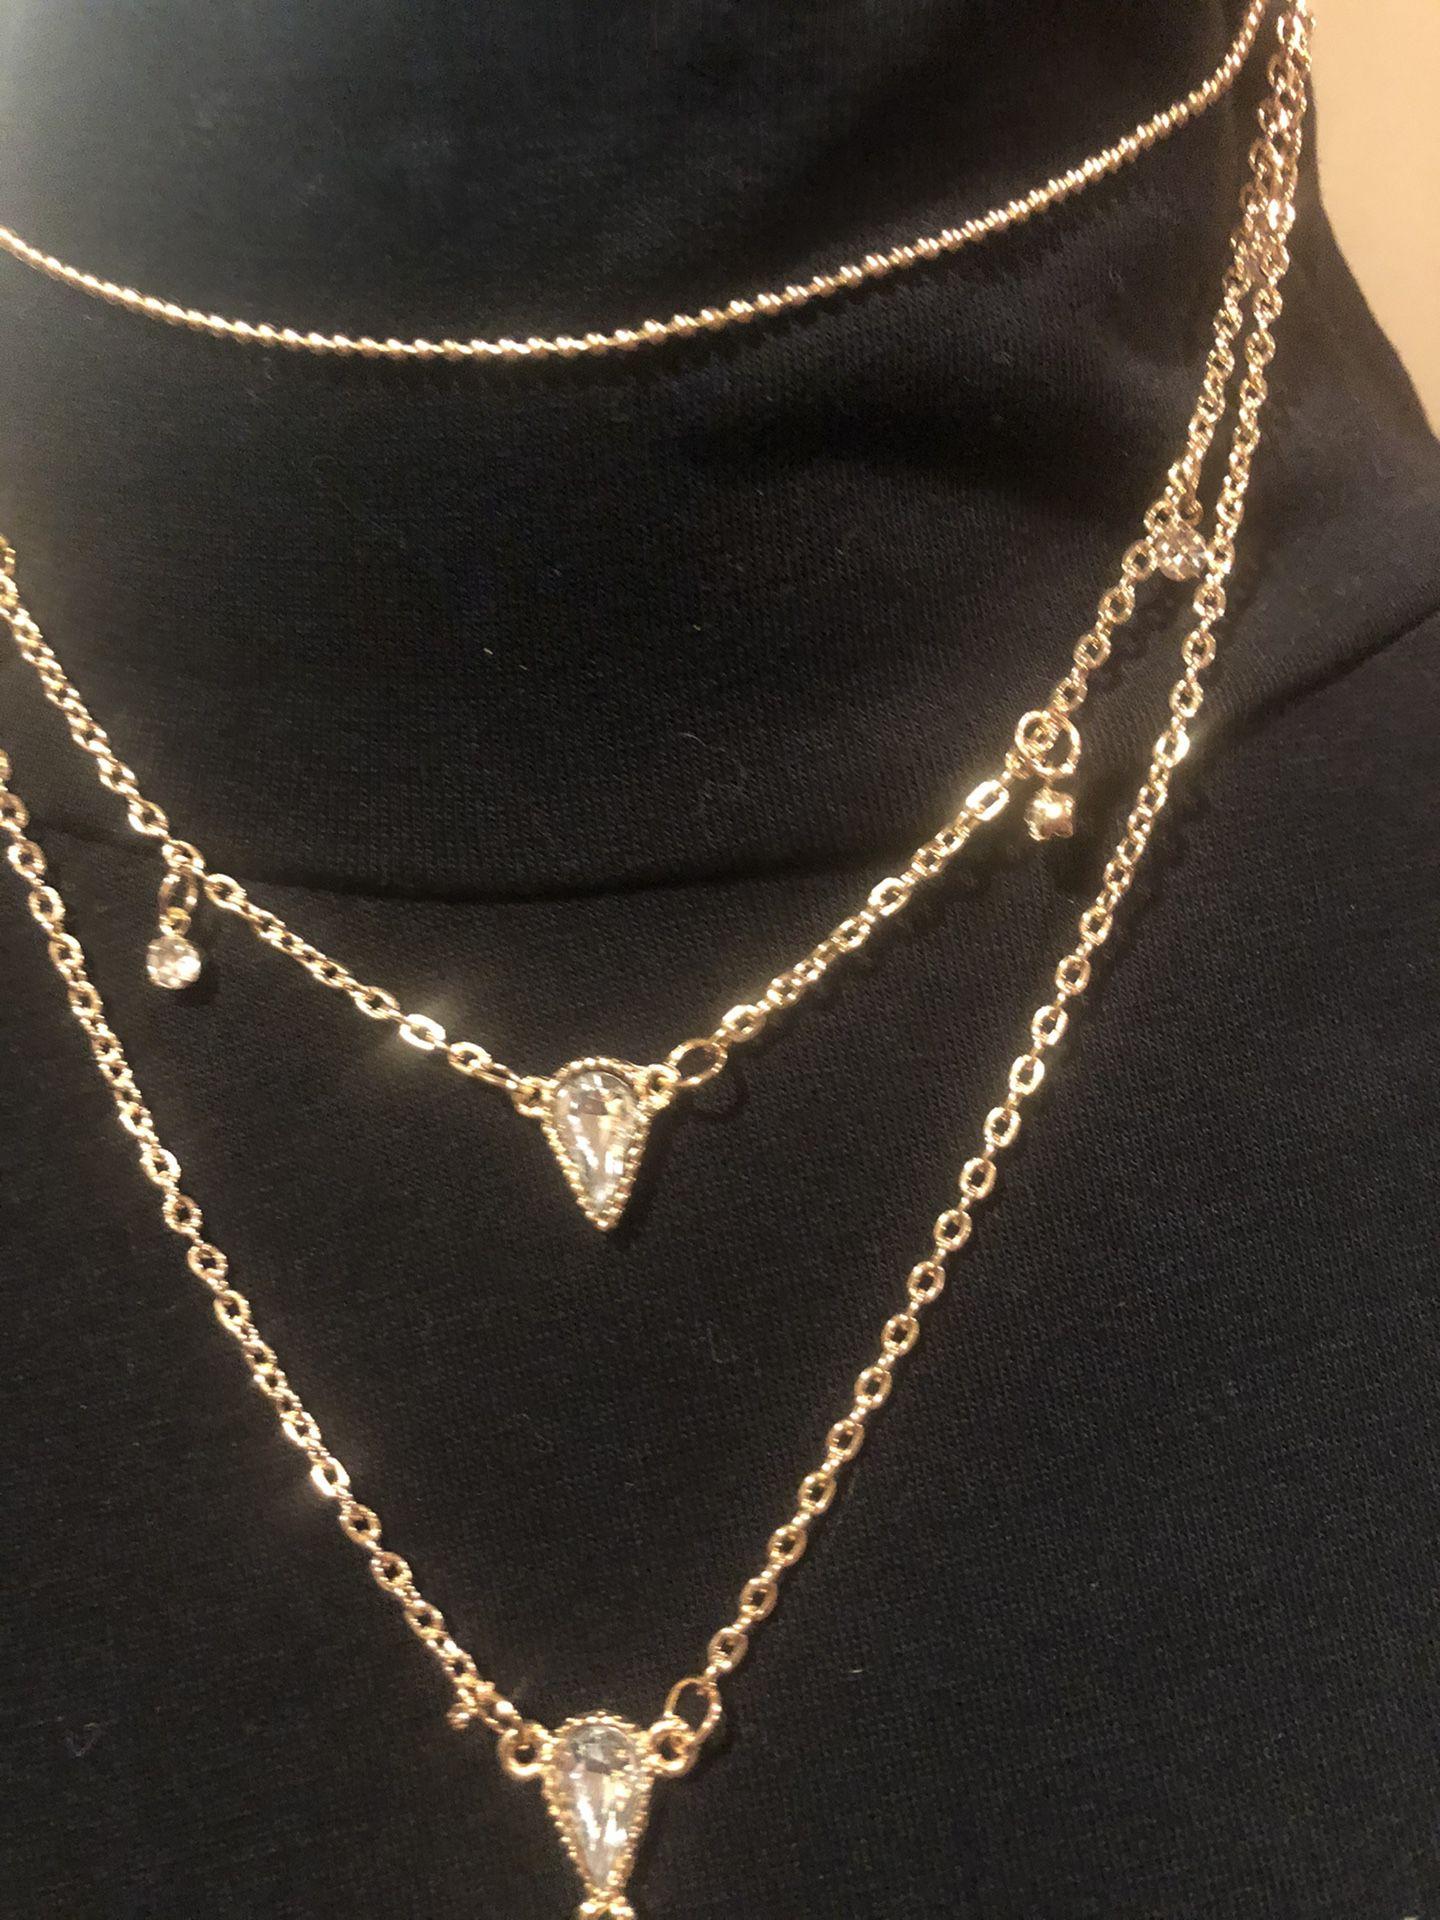 Women's Four-Tier Gold Tone Necklace